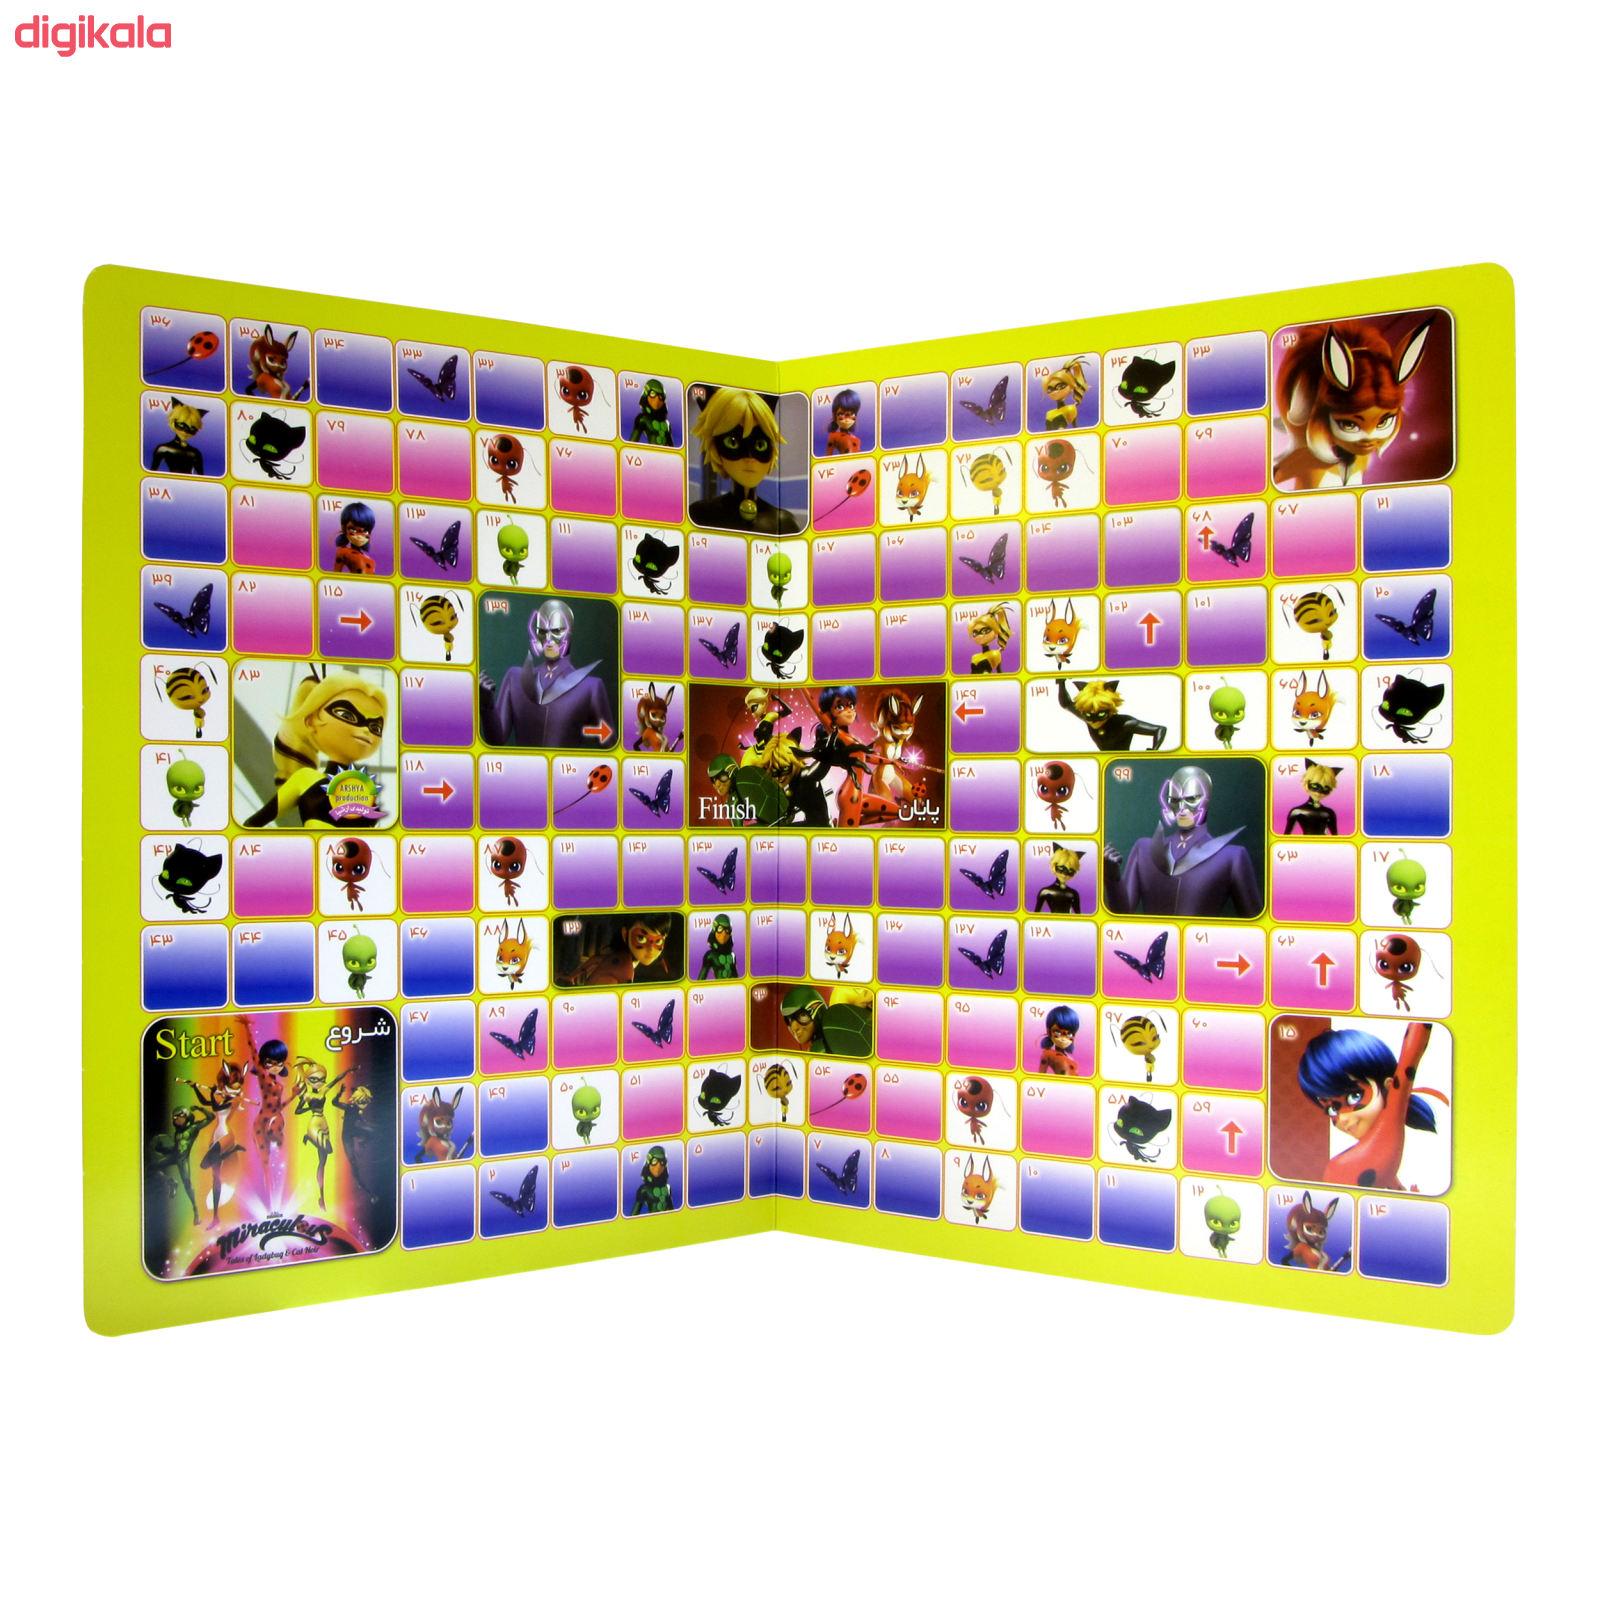 بازی فکری ارشیا مدل دختر کفشدوزکی و پسر گربه ای کد 074 main 1 2